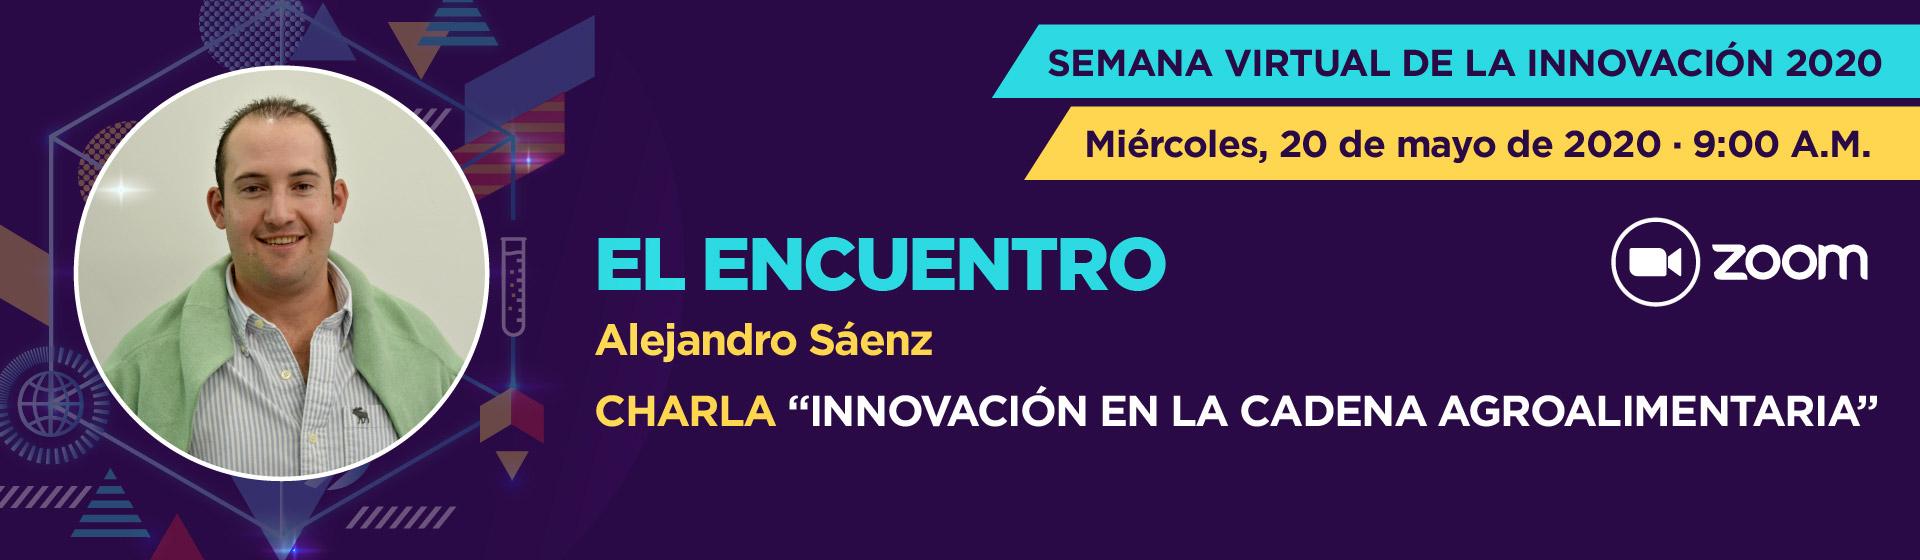 El Encuentro Semana virtual de la Innovación 2020-1 uniandes